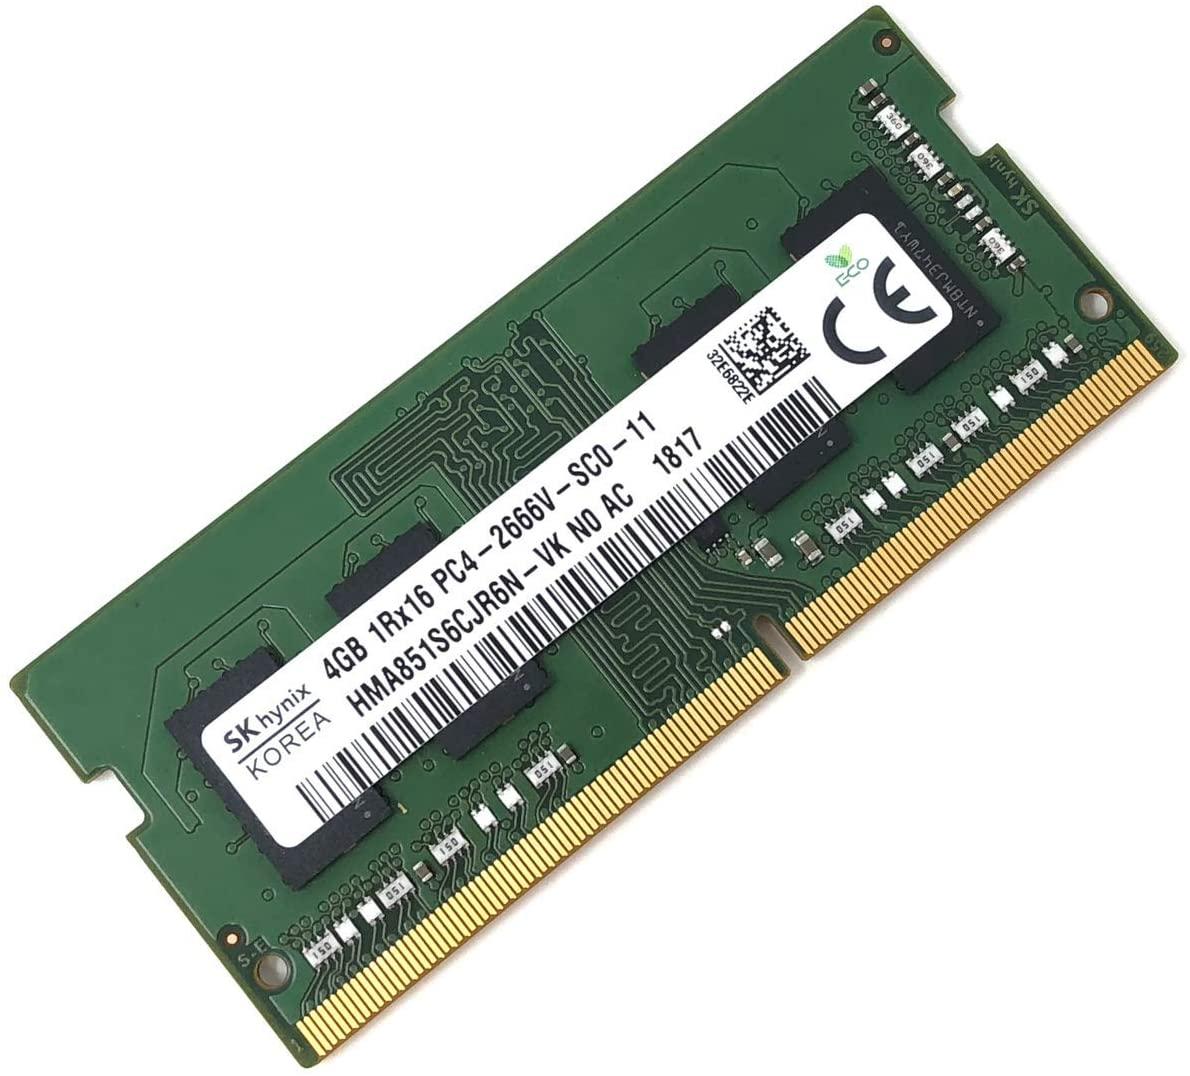 SK hynix HMA851S6CJR6N - VK Non ECC PC4-2666V 4GB DDR4 at 2666MHz 260pin SDRAM SODIMM Single Kit Laptop Memory - OEM (Renewed)